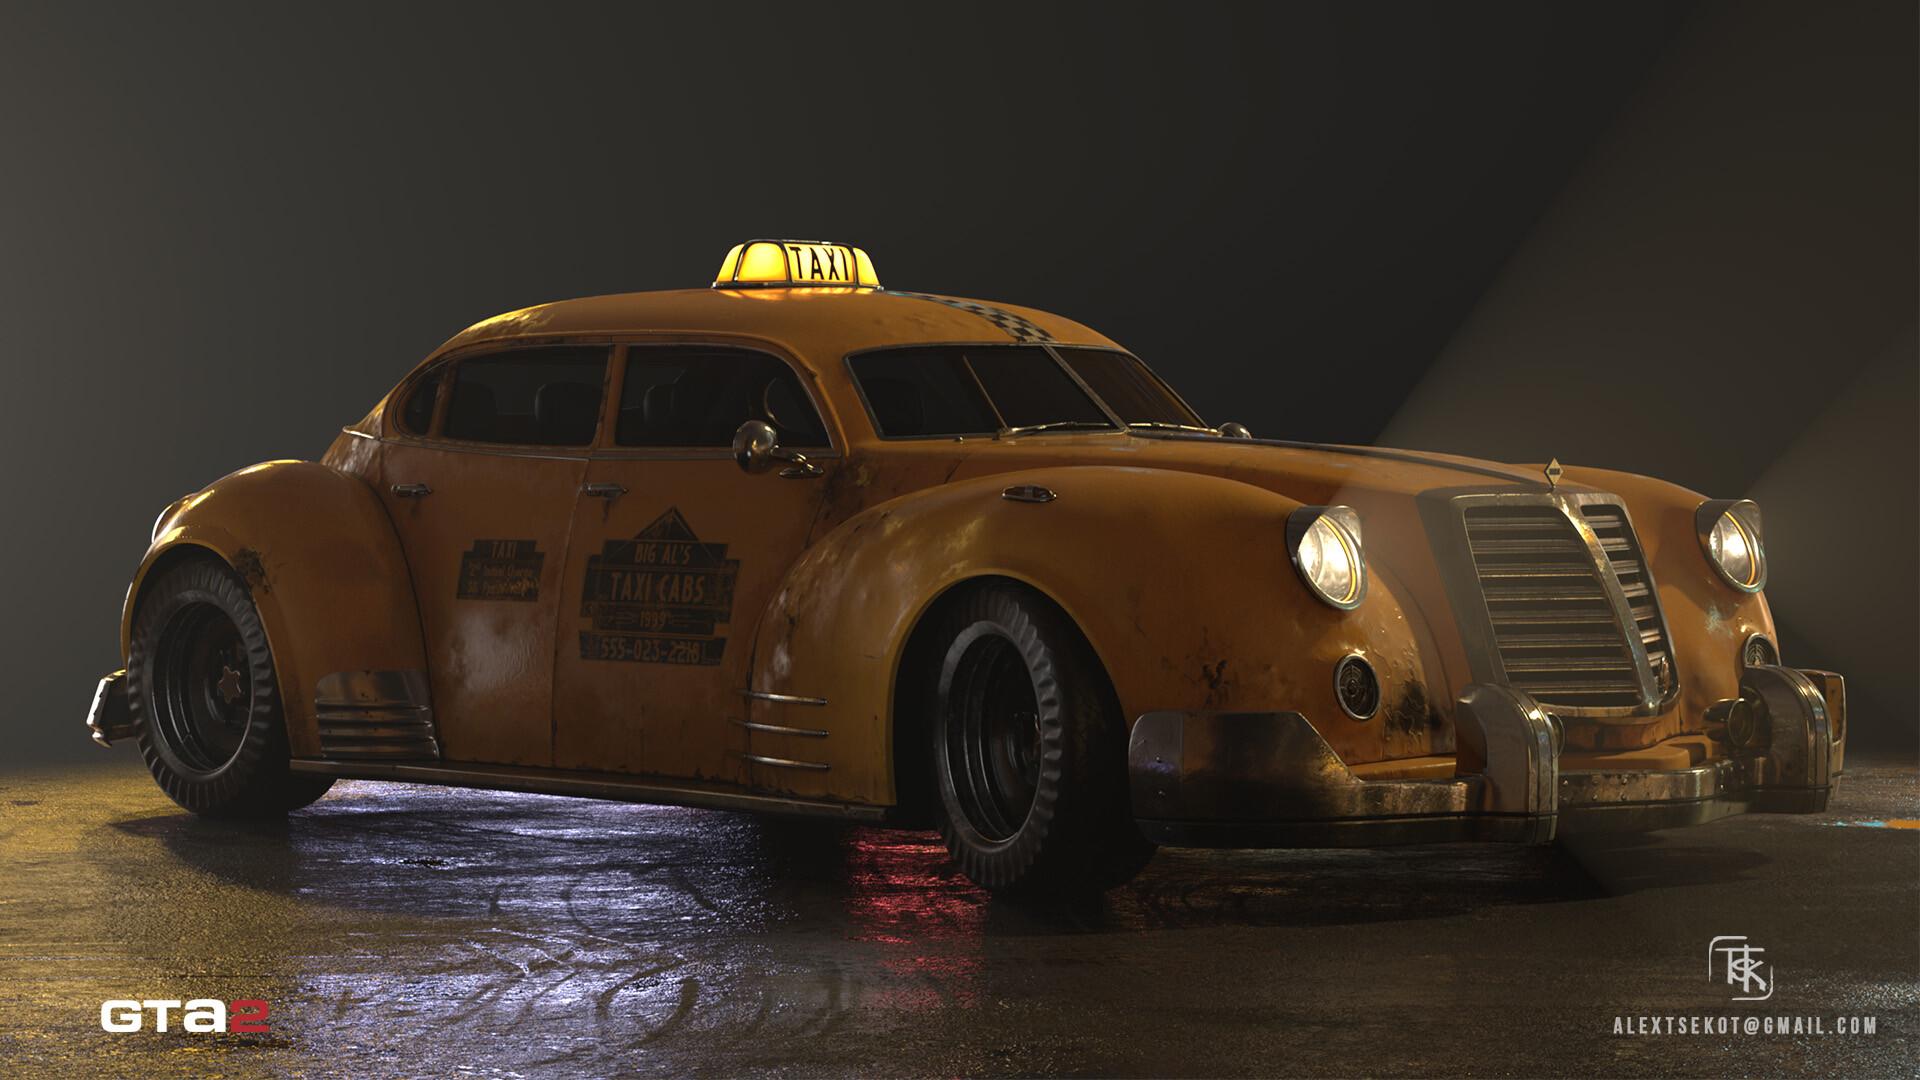 Alex tsekot taxi xpress 8